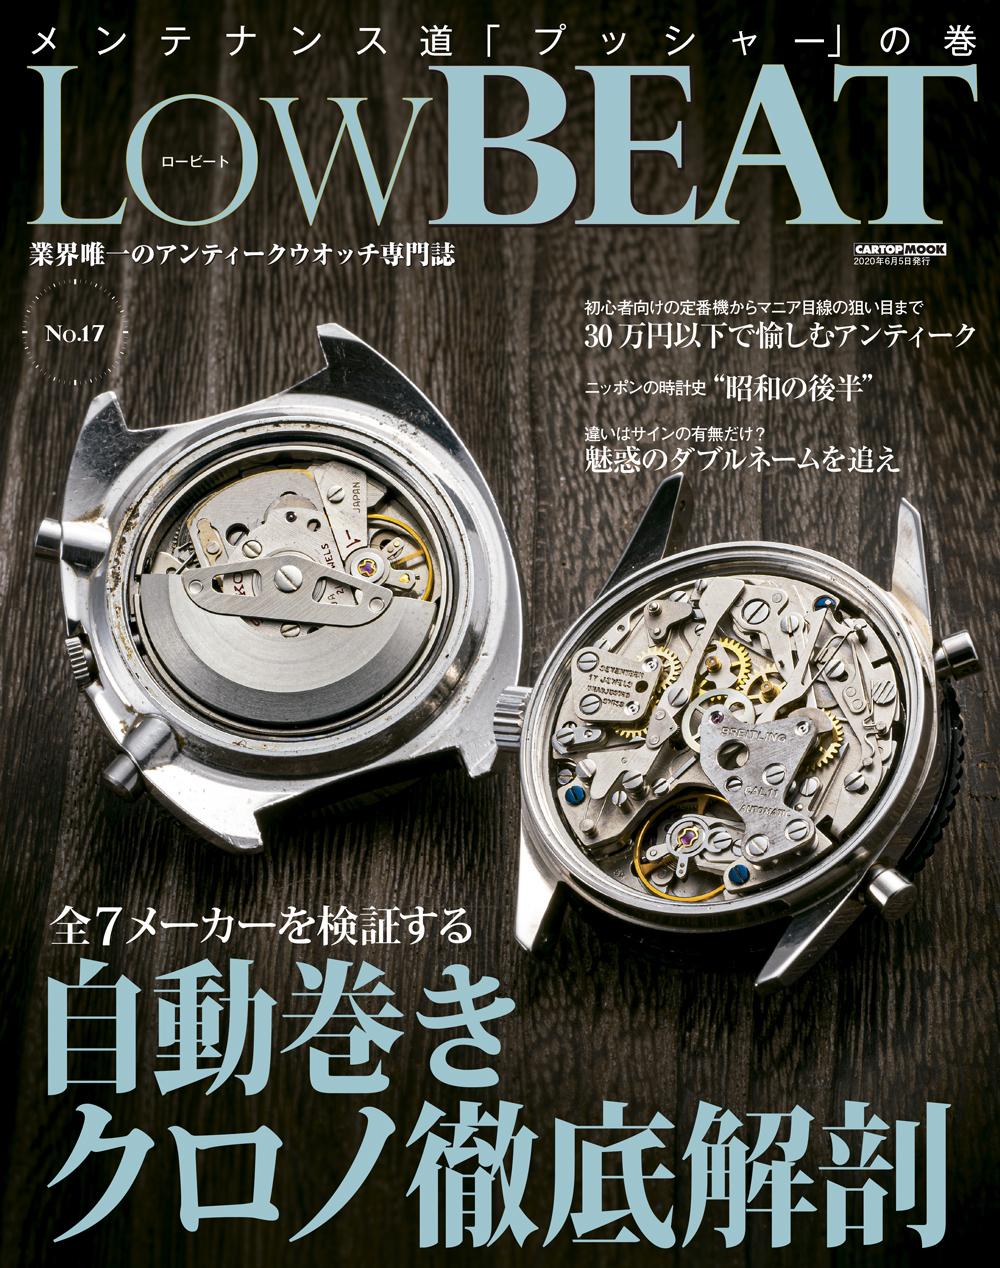 C's-Factory|書籍|LowBEAT No.17